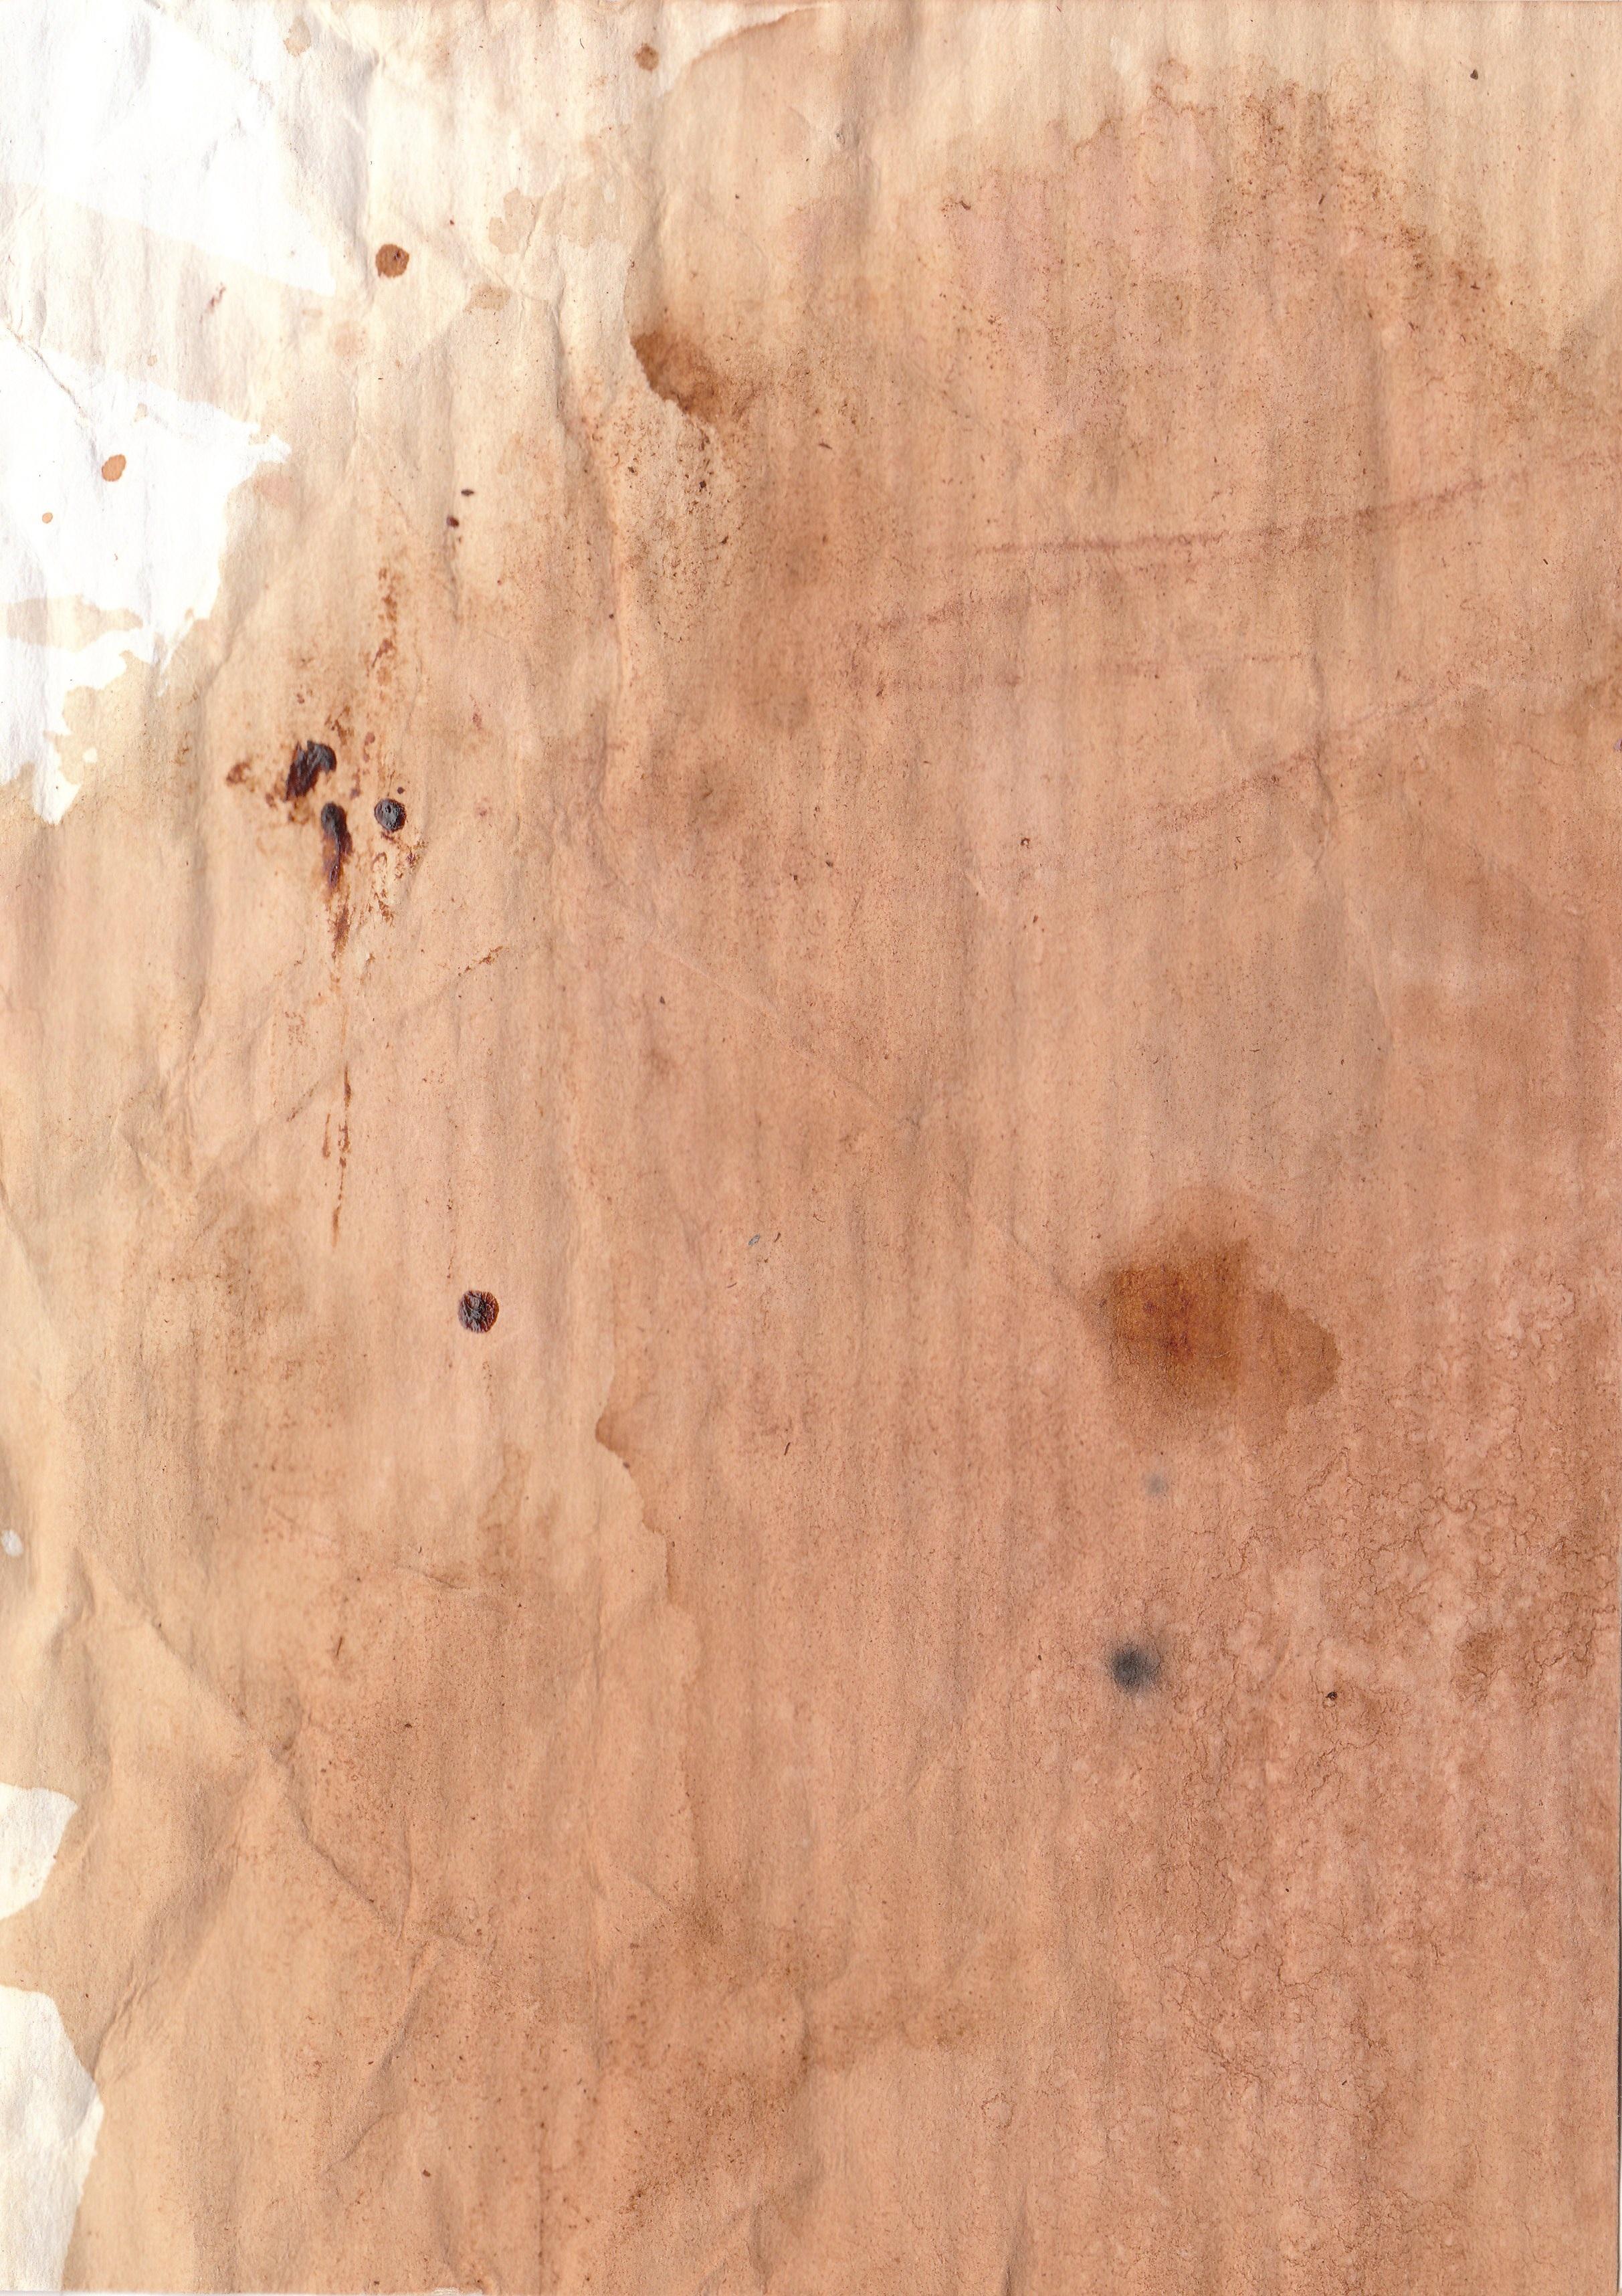 무료 이미지 : 커피, 목재, 조직, 무늬, 종이, 얼룩, 배경, 견목 ...